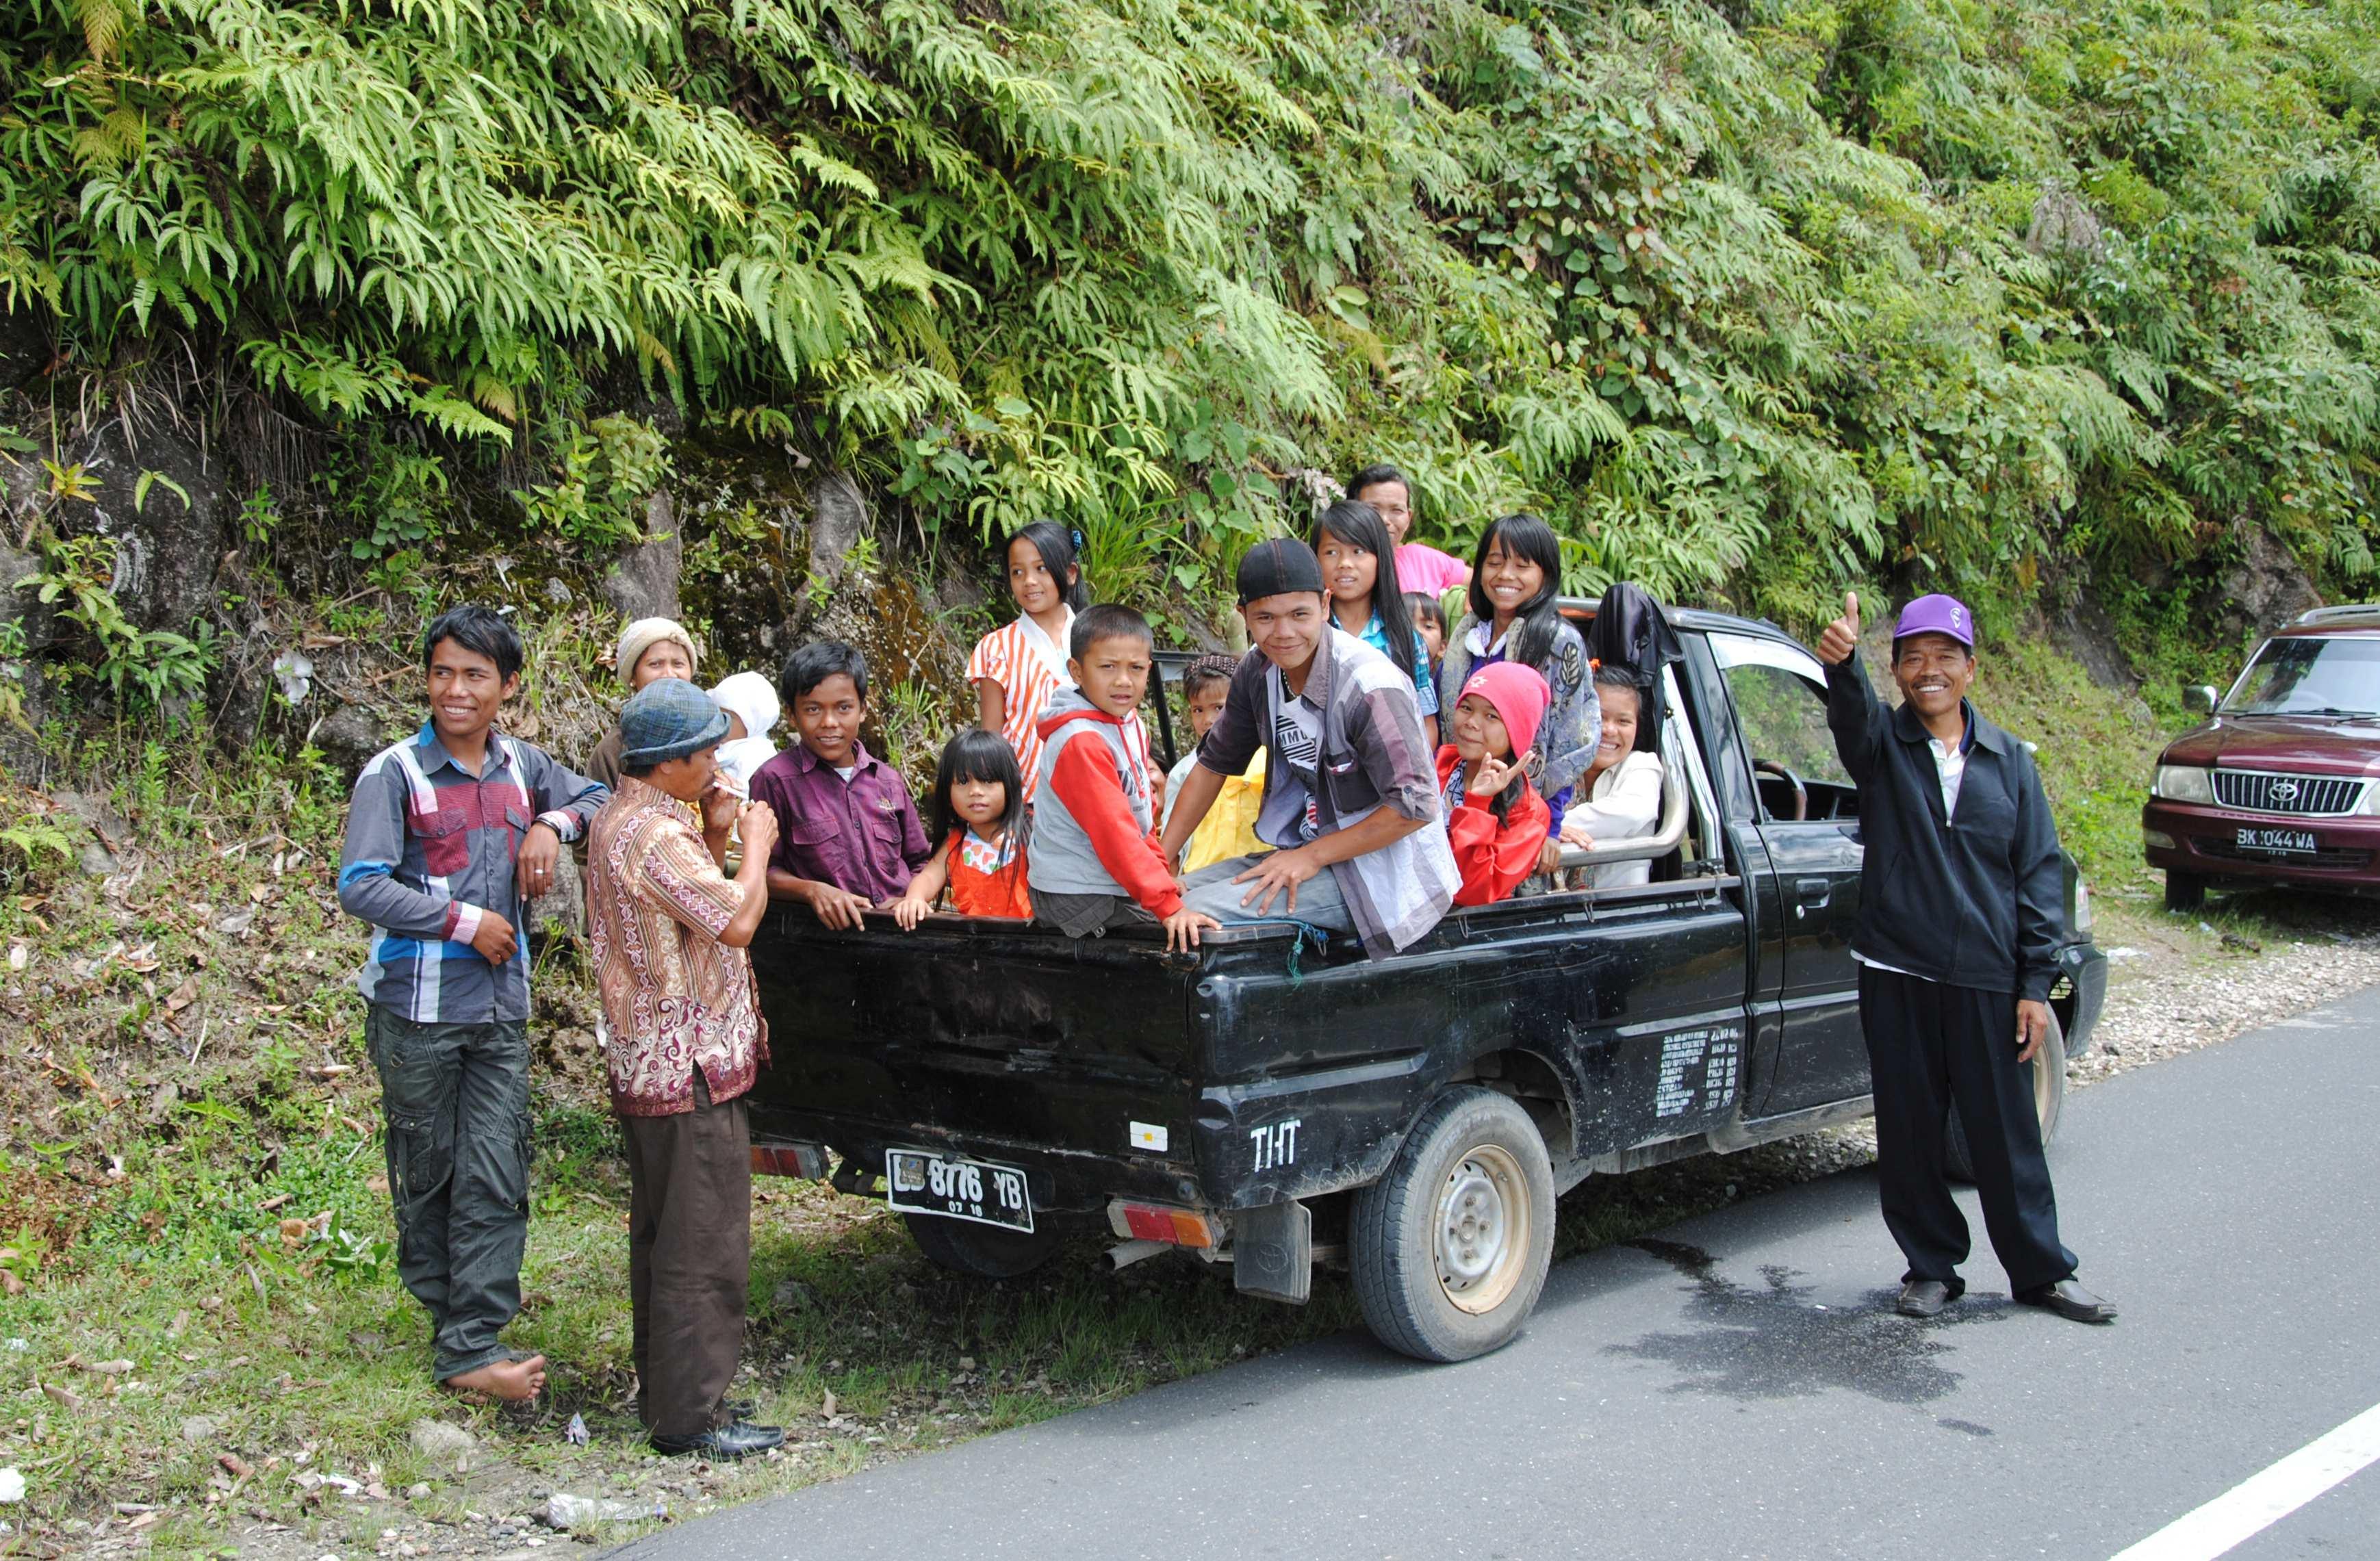 Ein Pickup mit vielen Kindern auf der Ladefläche